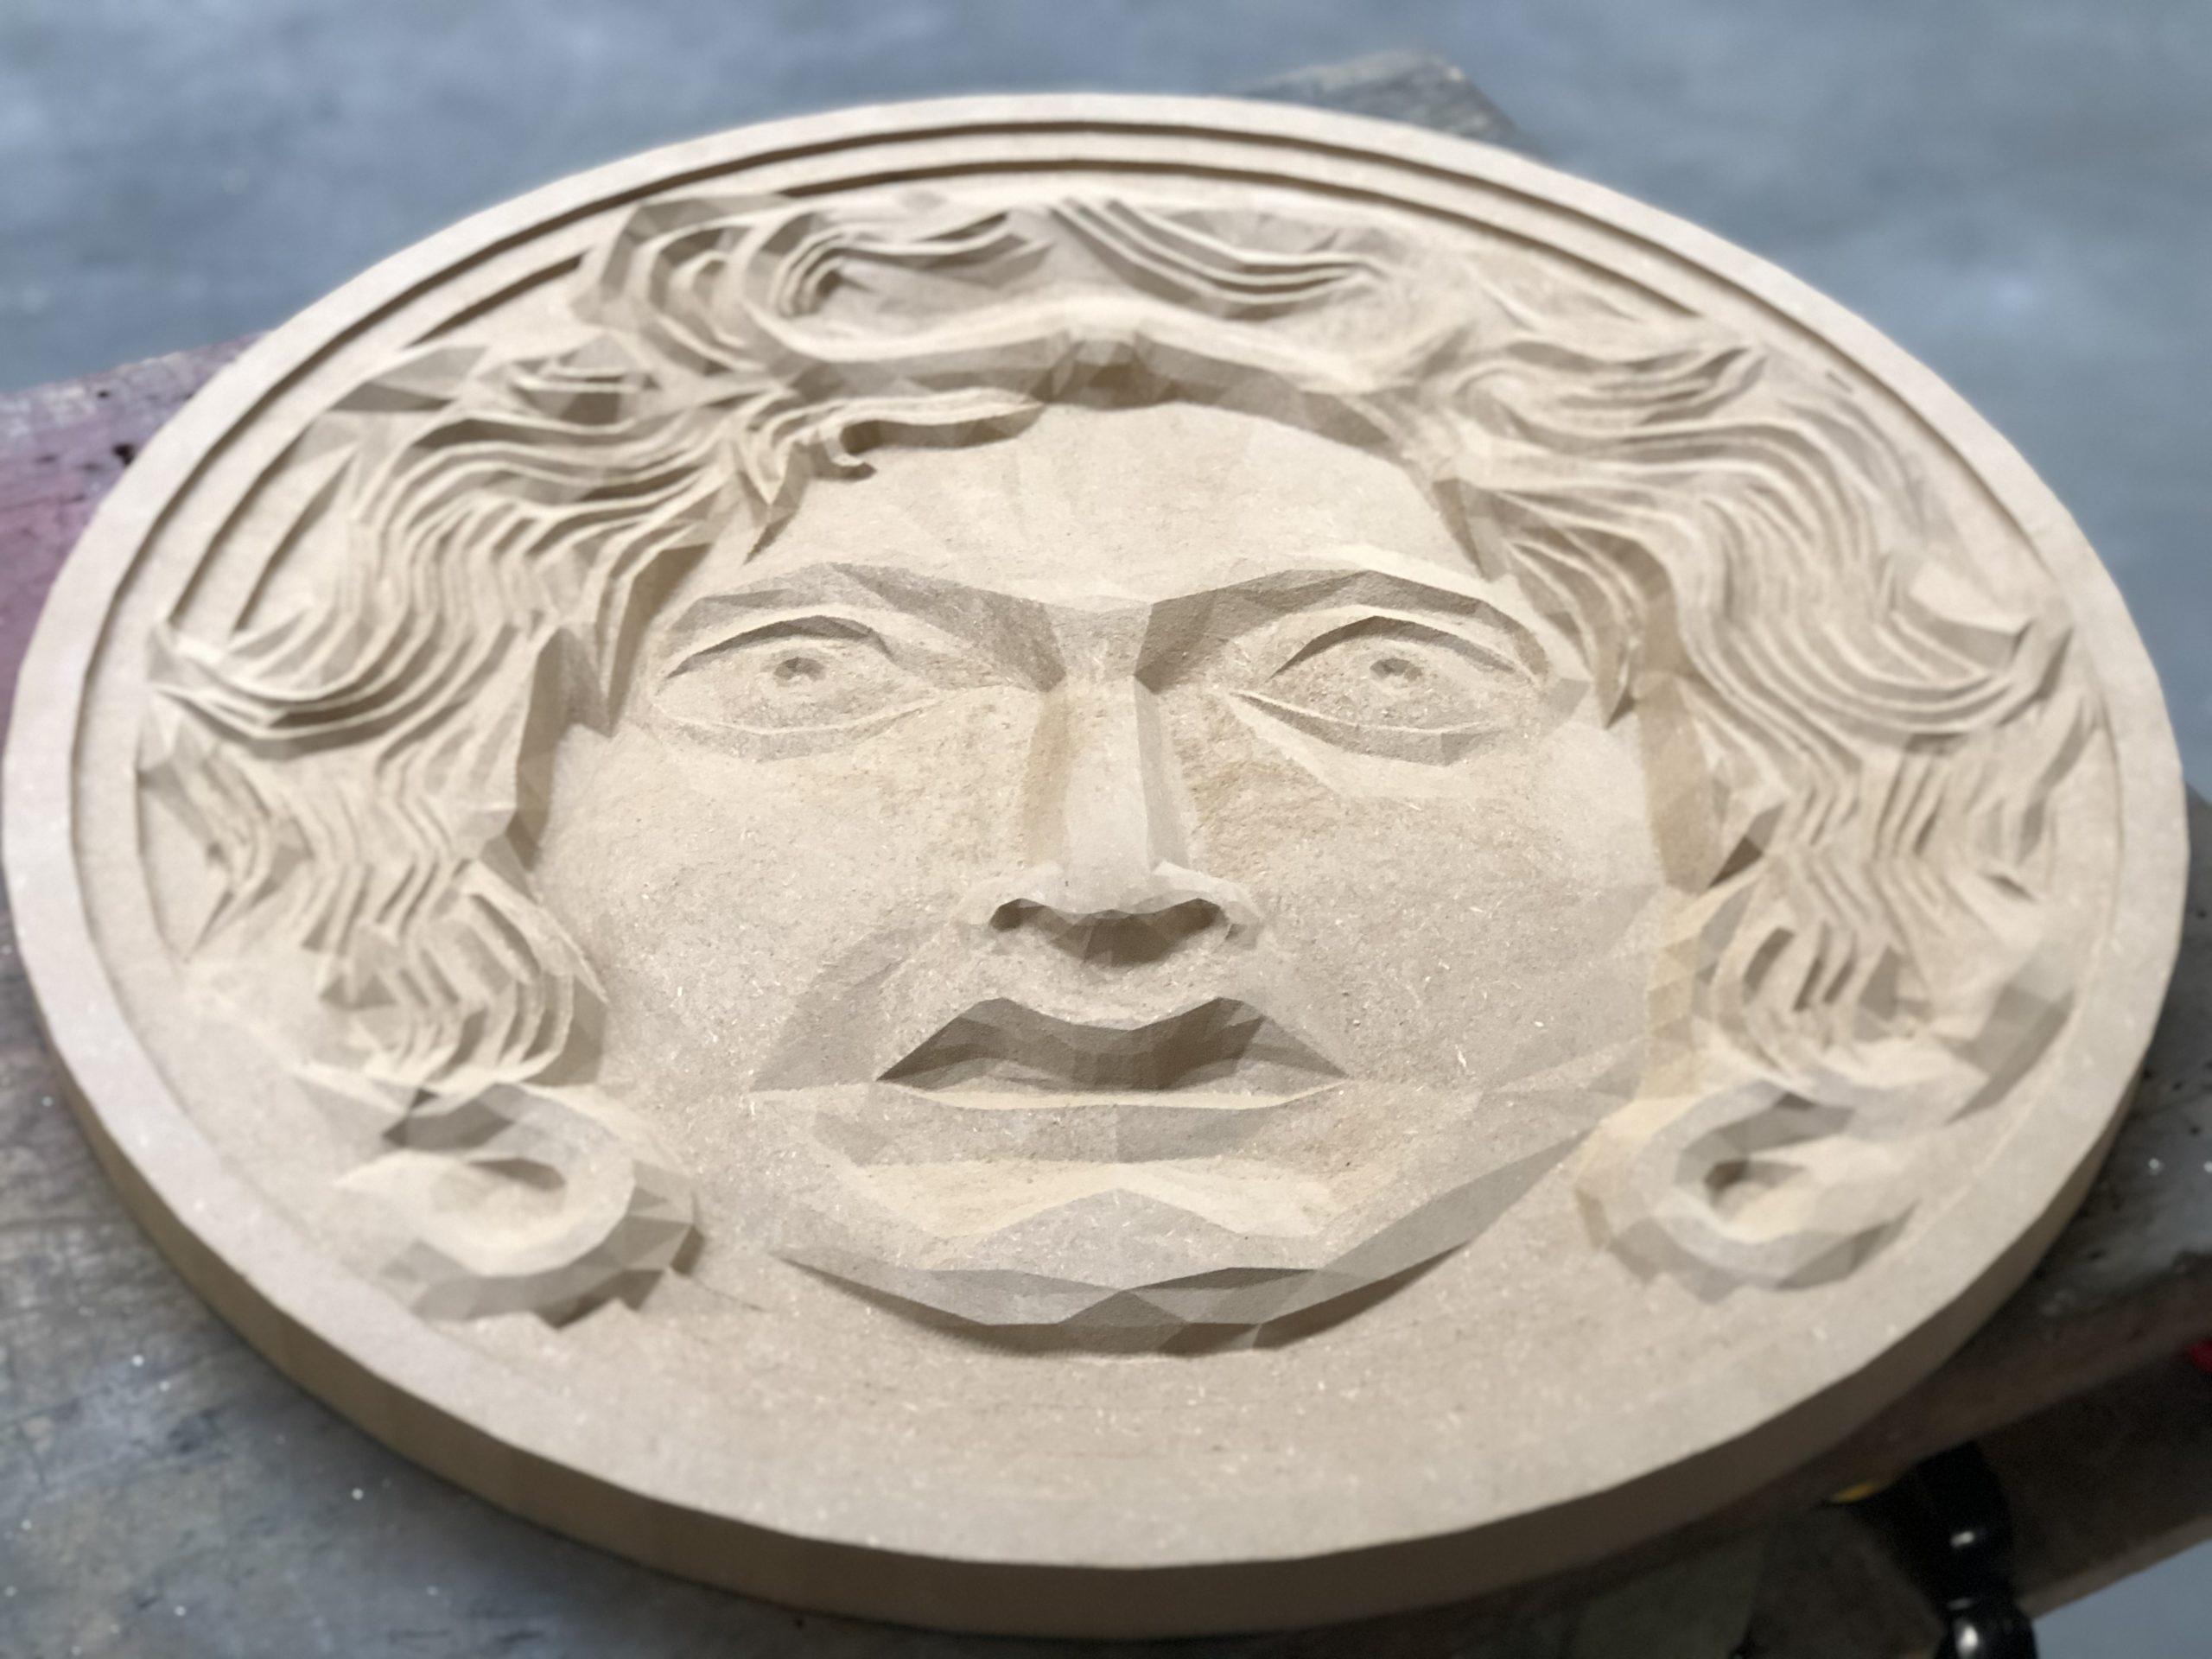 Réalisation d'une tête en bois qui servira de plateau de table basse